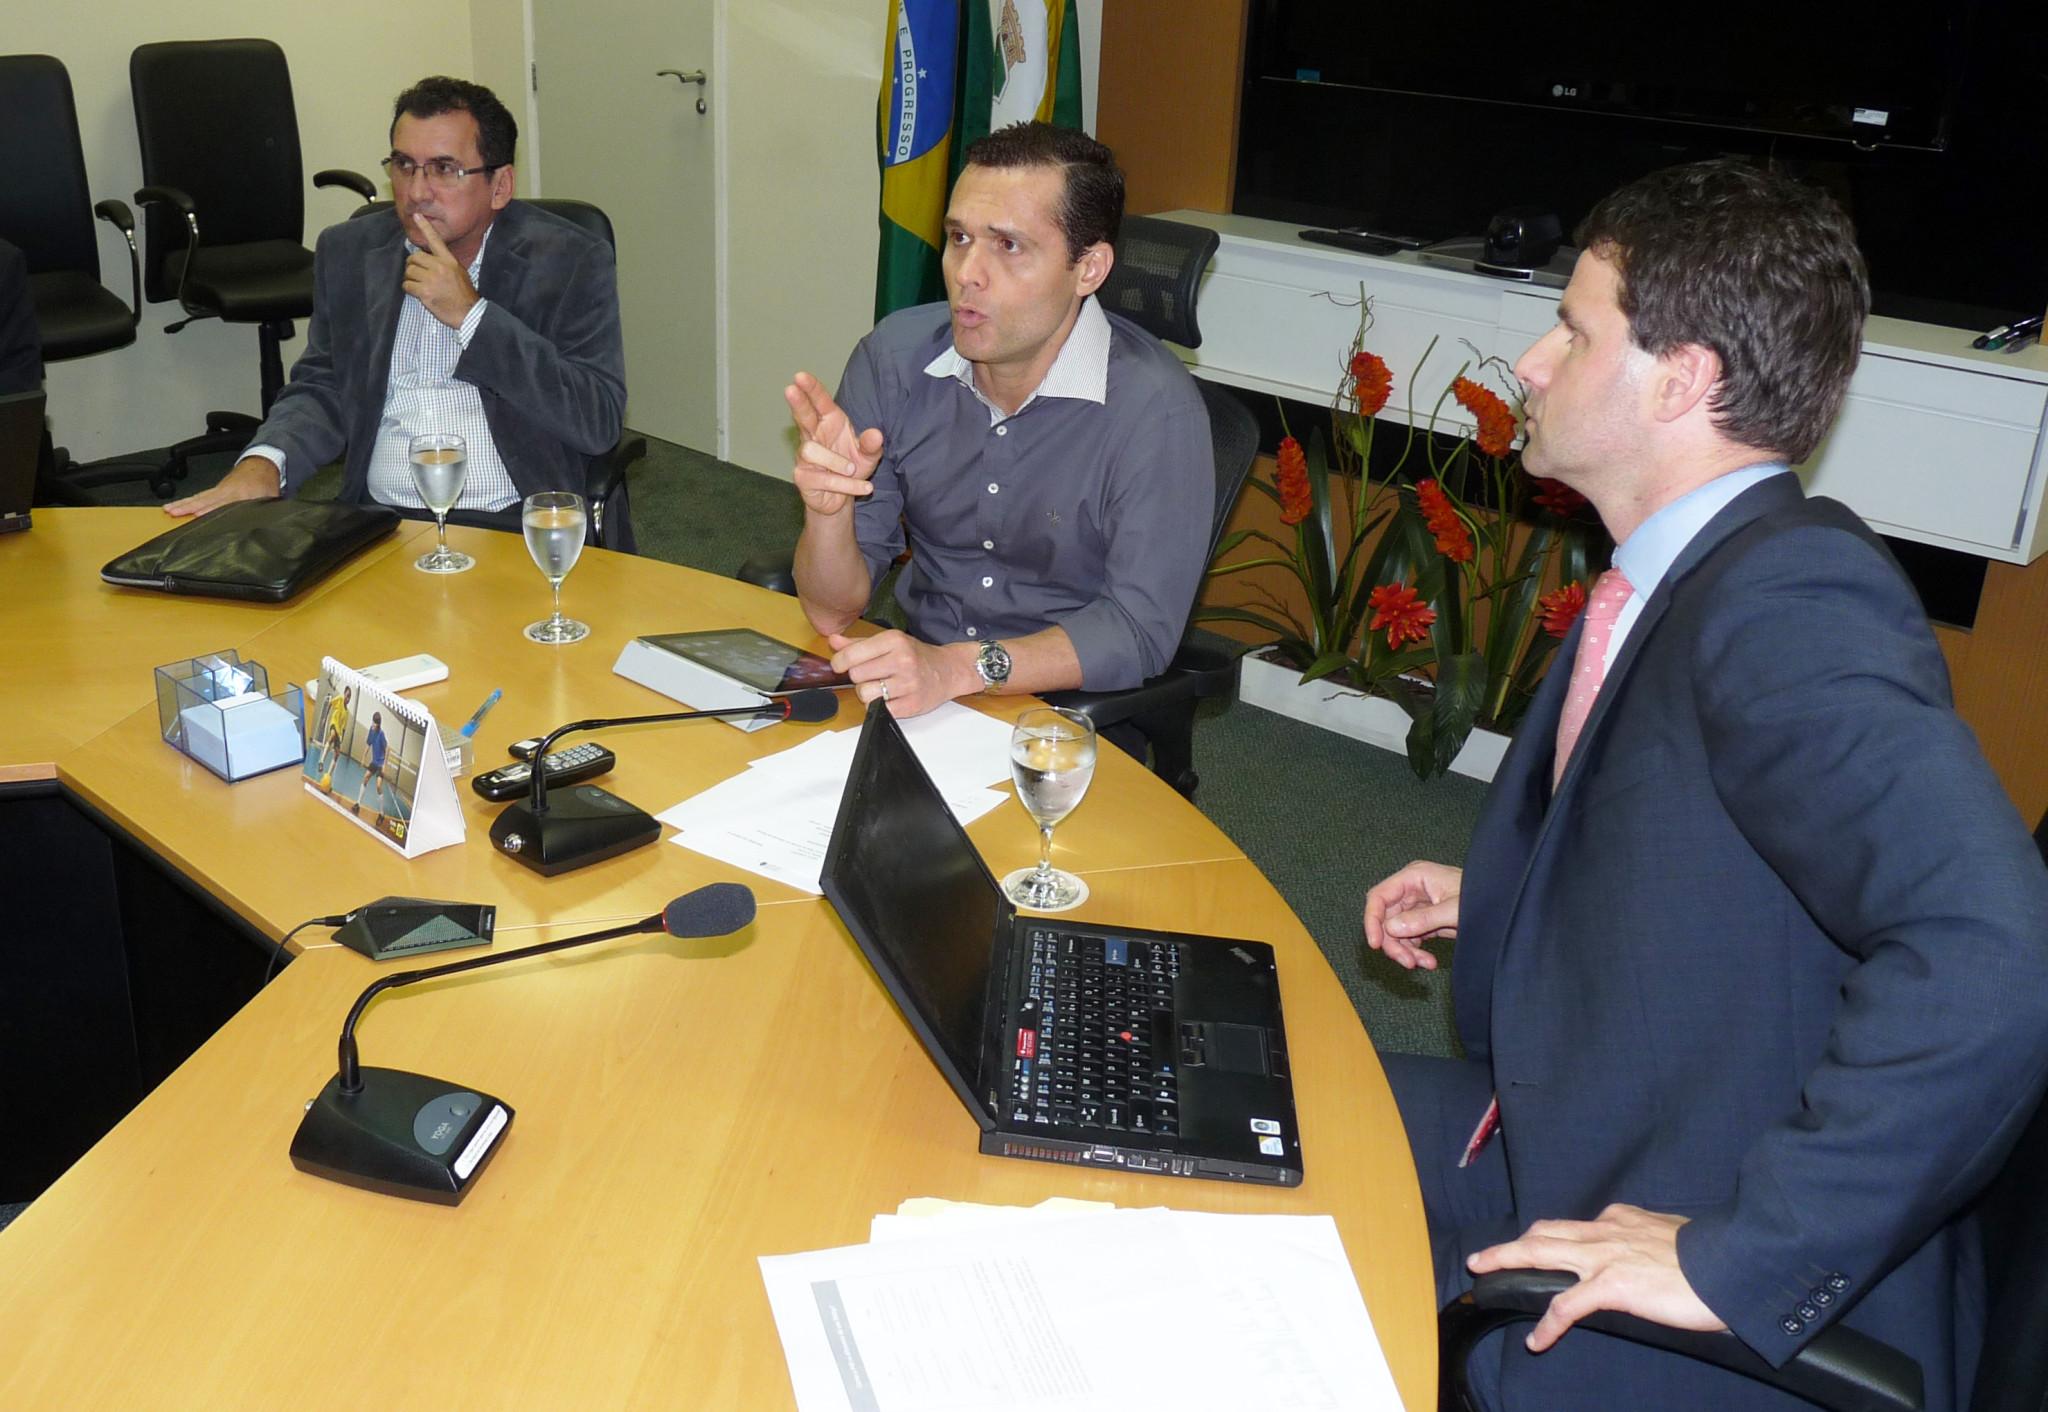 23-05-2012 - Reunião Swap (Banco Mundial) - Sala de Reunião Seplag (35)